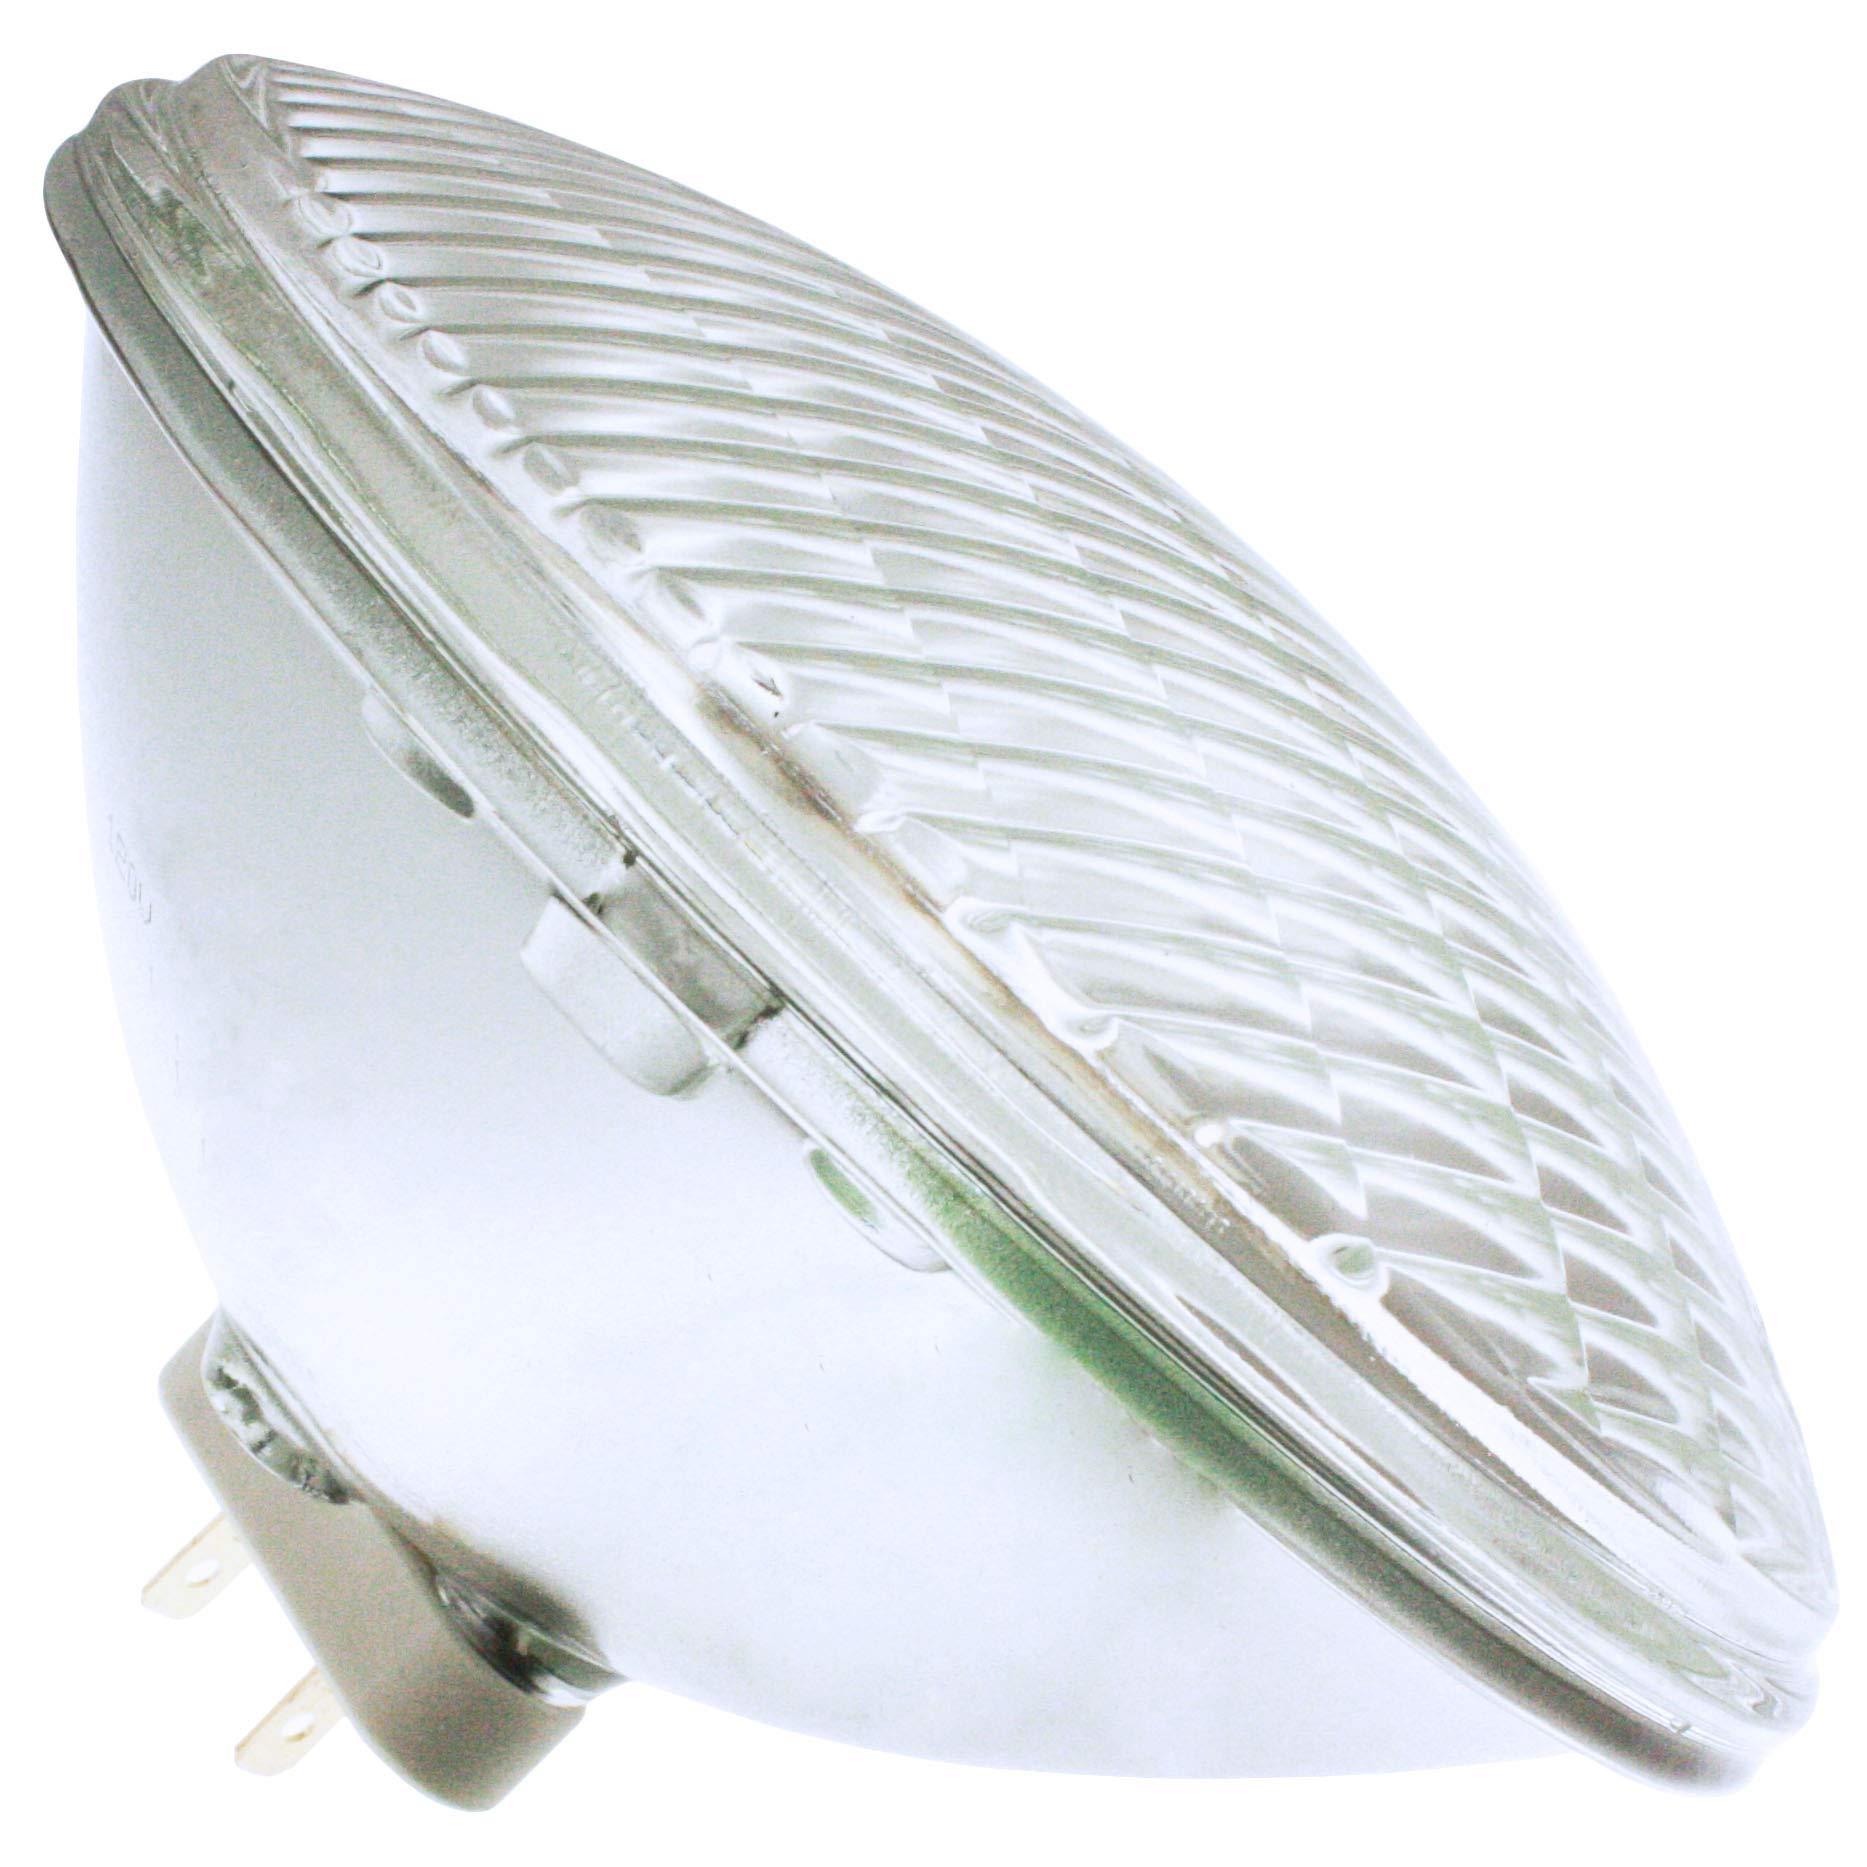 Industrial Performance 300PAR56/MFL 120V, 300 Watt, GX16 D Base, Halogen Medium Flood Light Bulb (6 Pack)